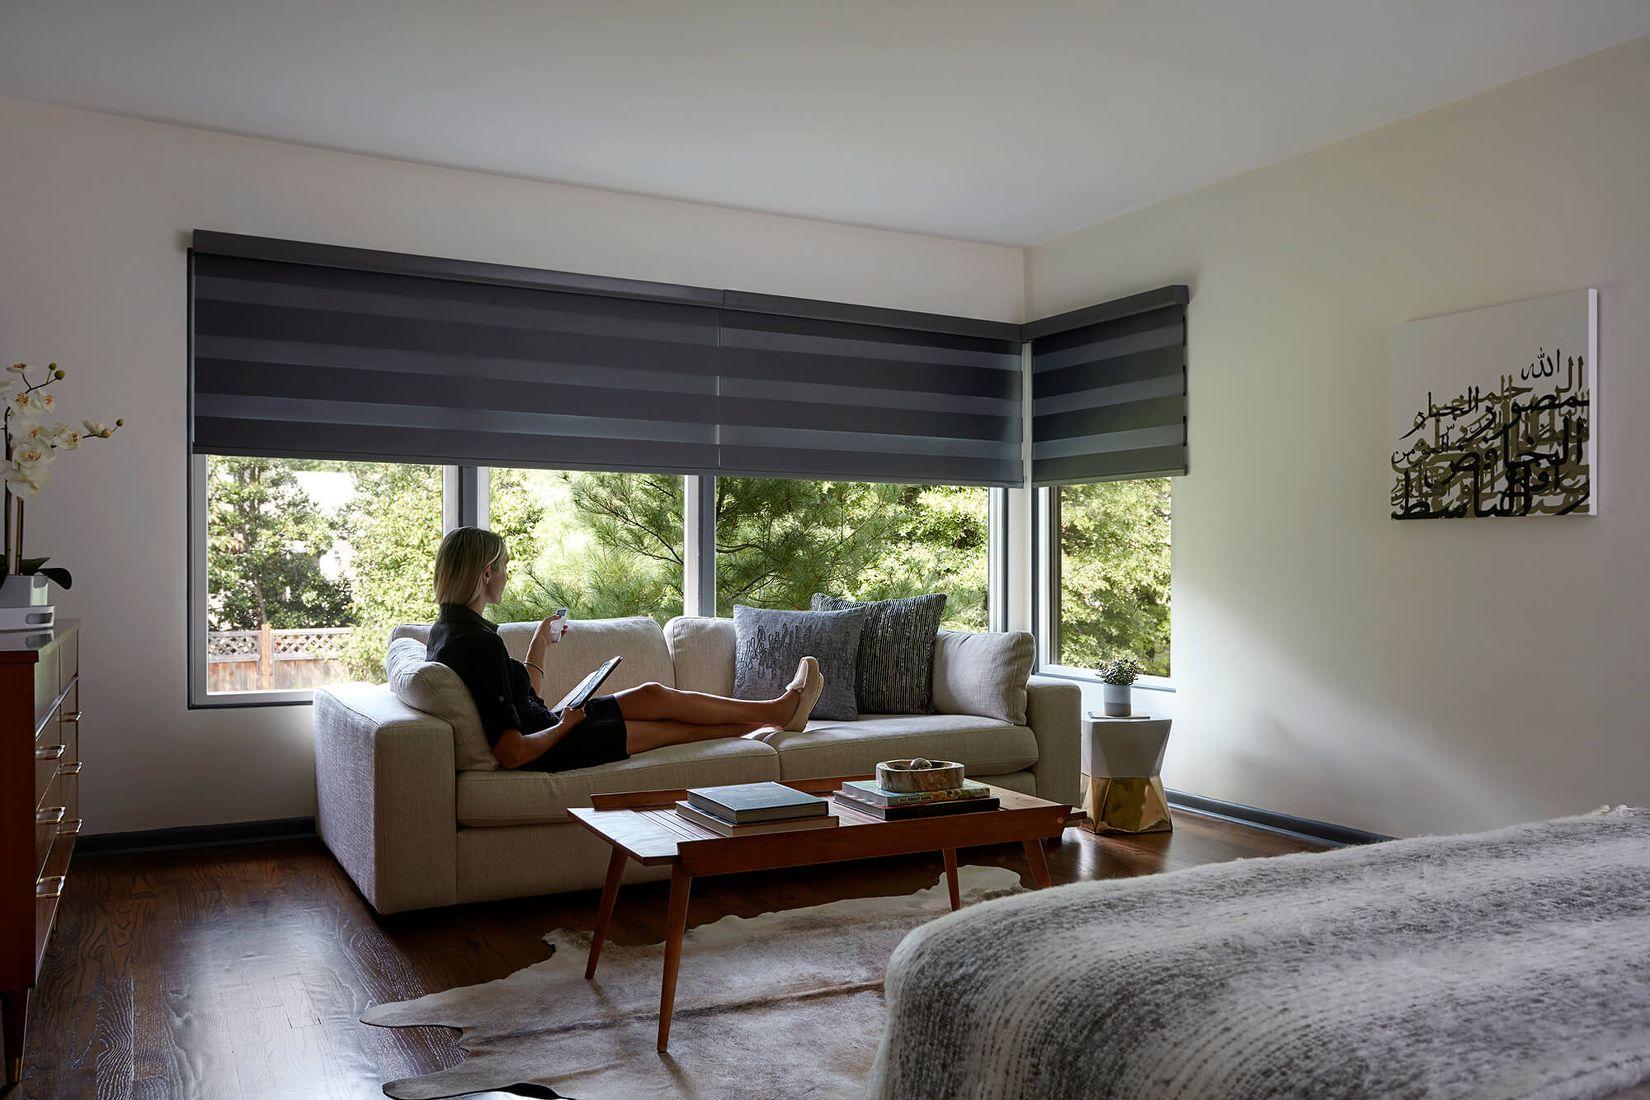 quel mat riau pour fabriquer son volet roulant bois pvc ou alu. Black Bedroom Furniture Sets. Home Design Ideas